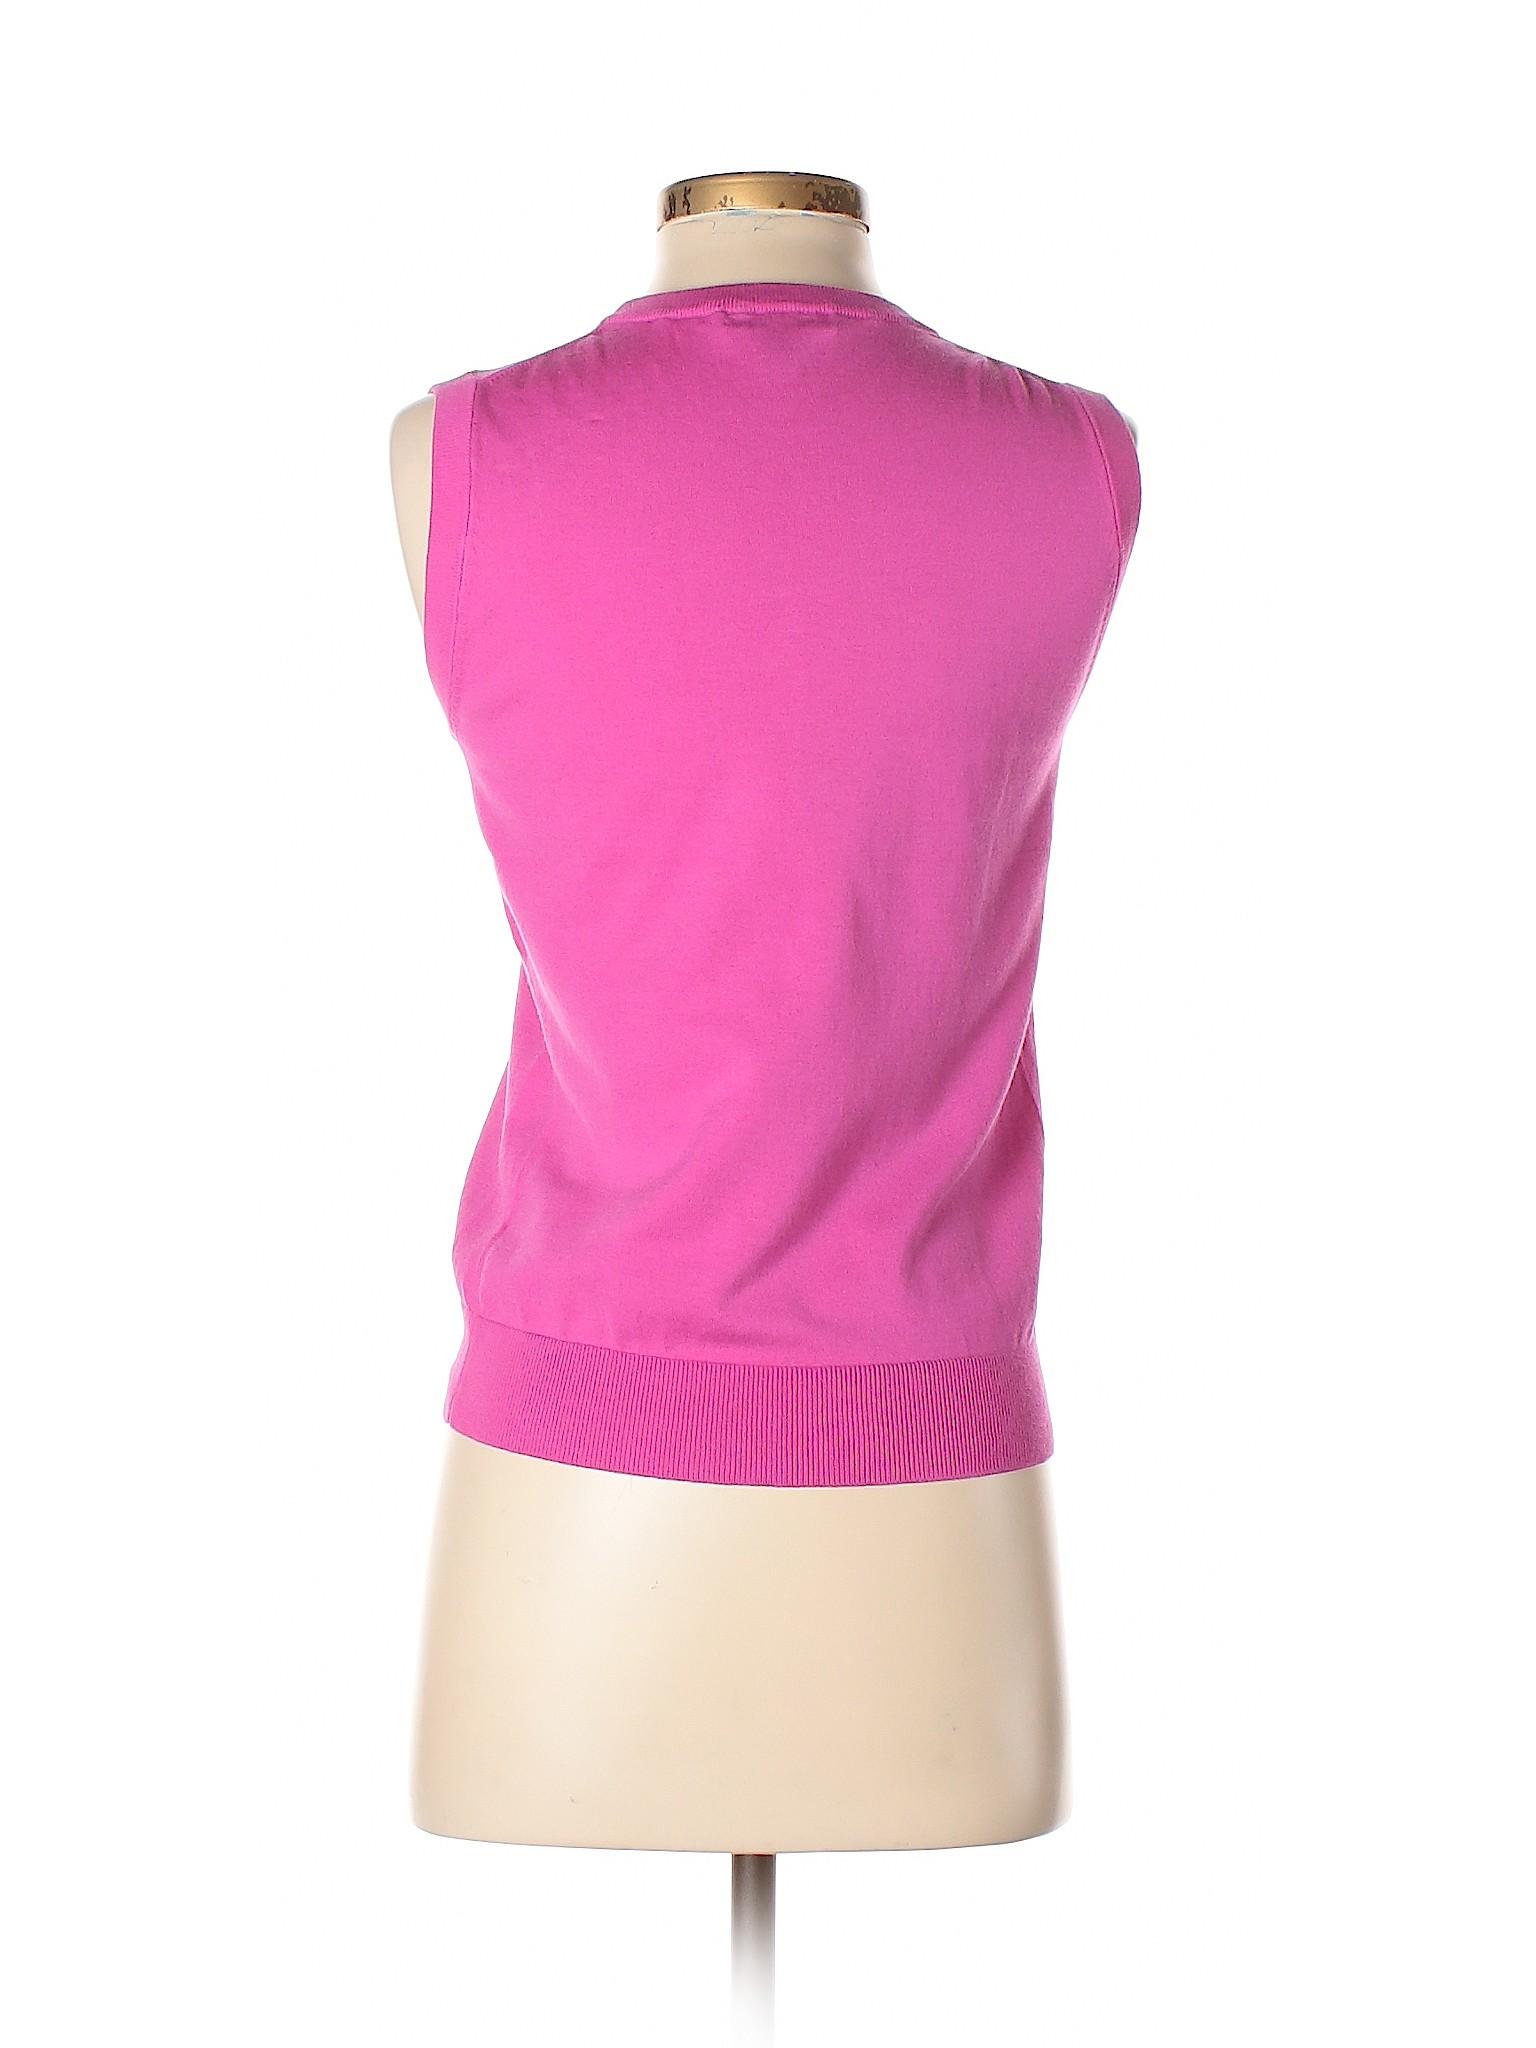 J Sweater Crew winter Boutique Pullover S4PwTC5q